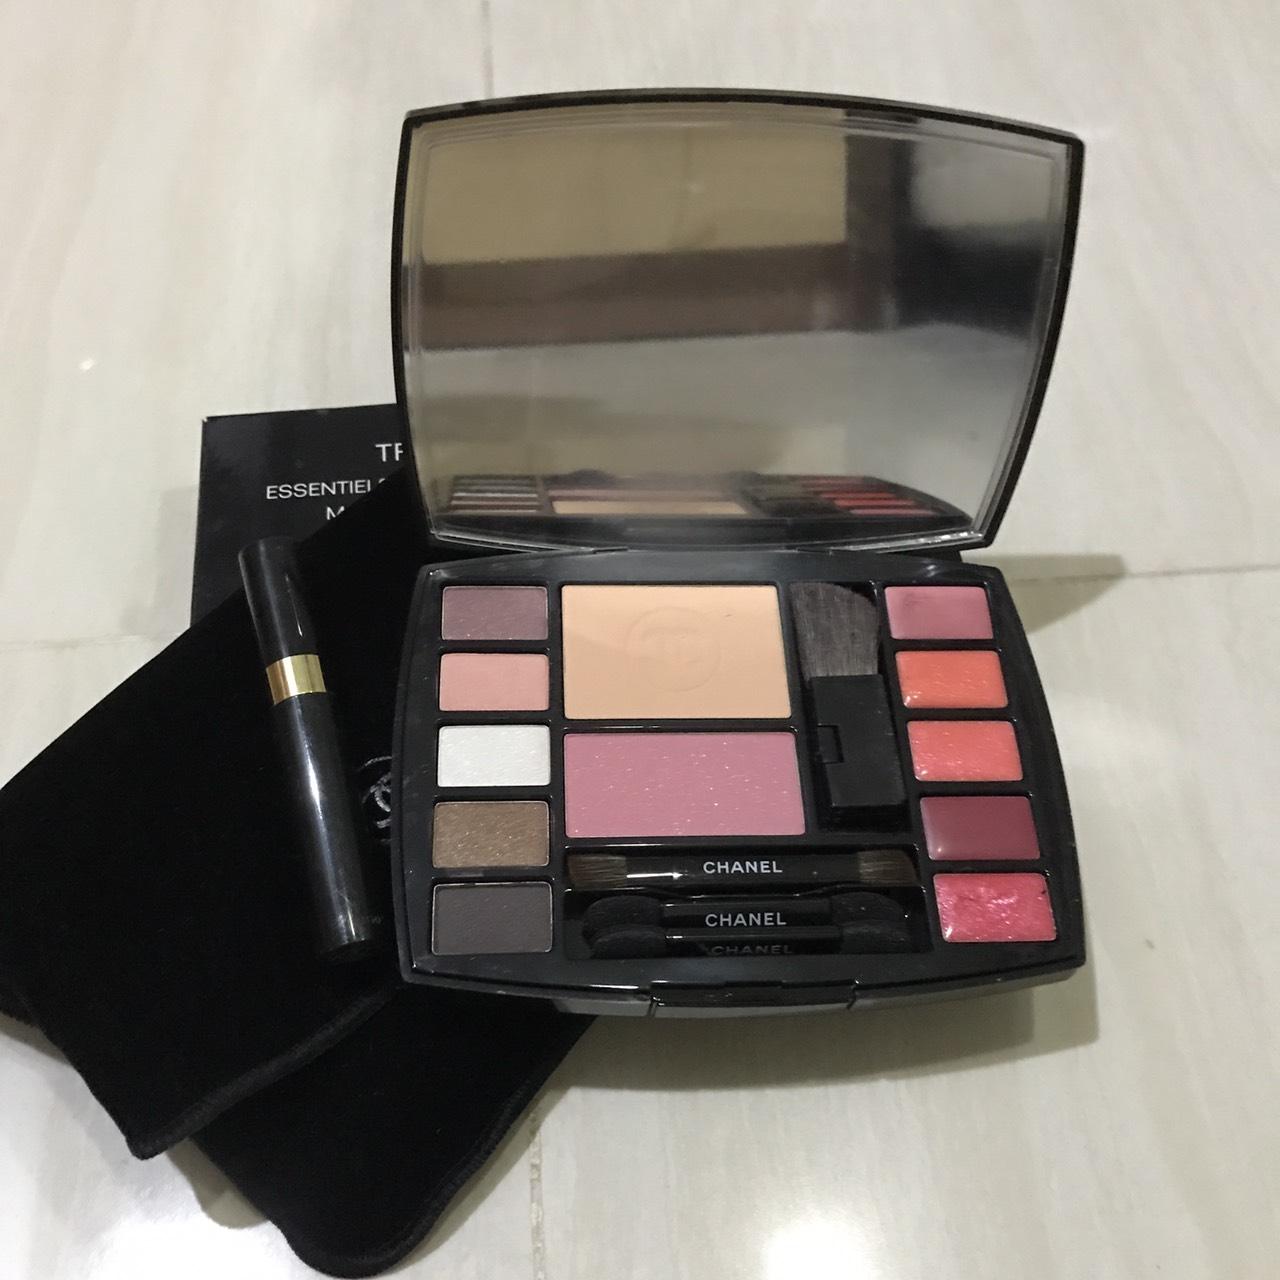 Chanel Make Up Palette